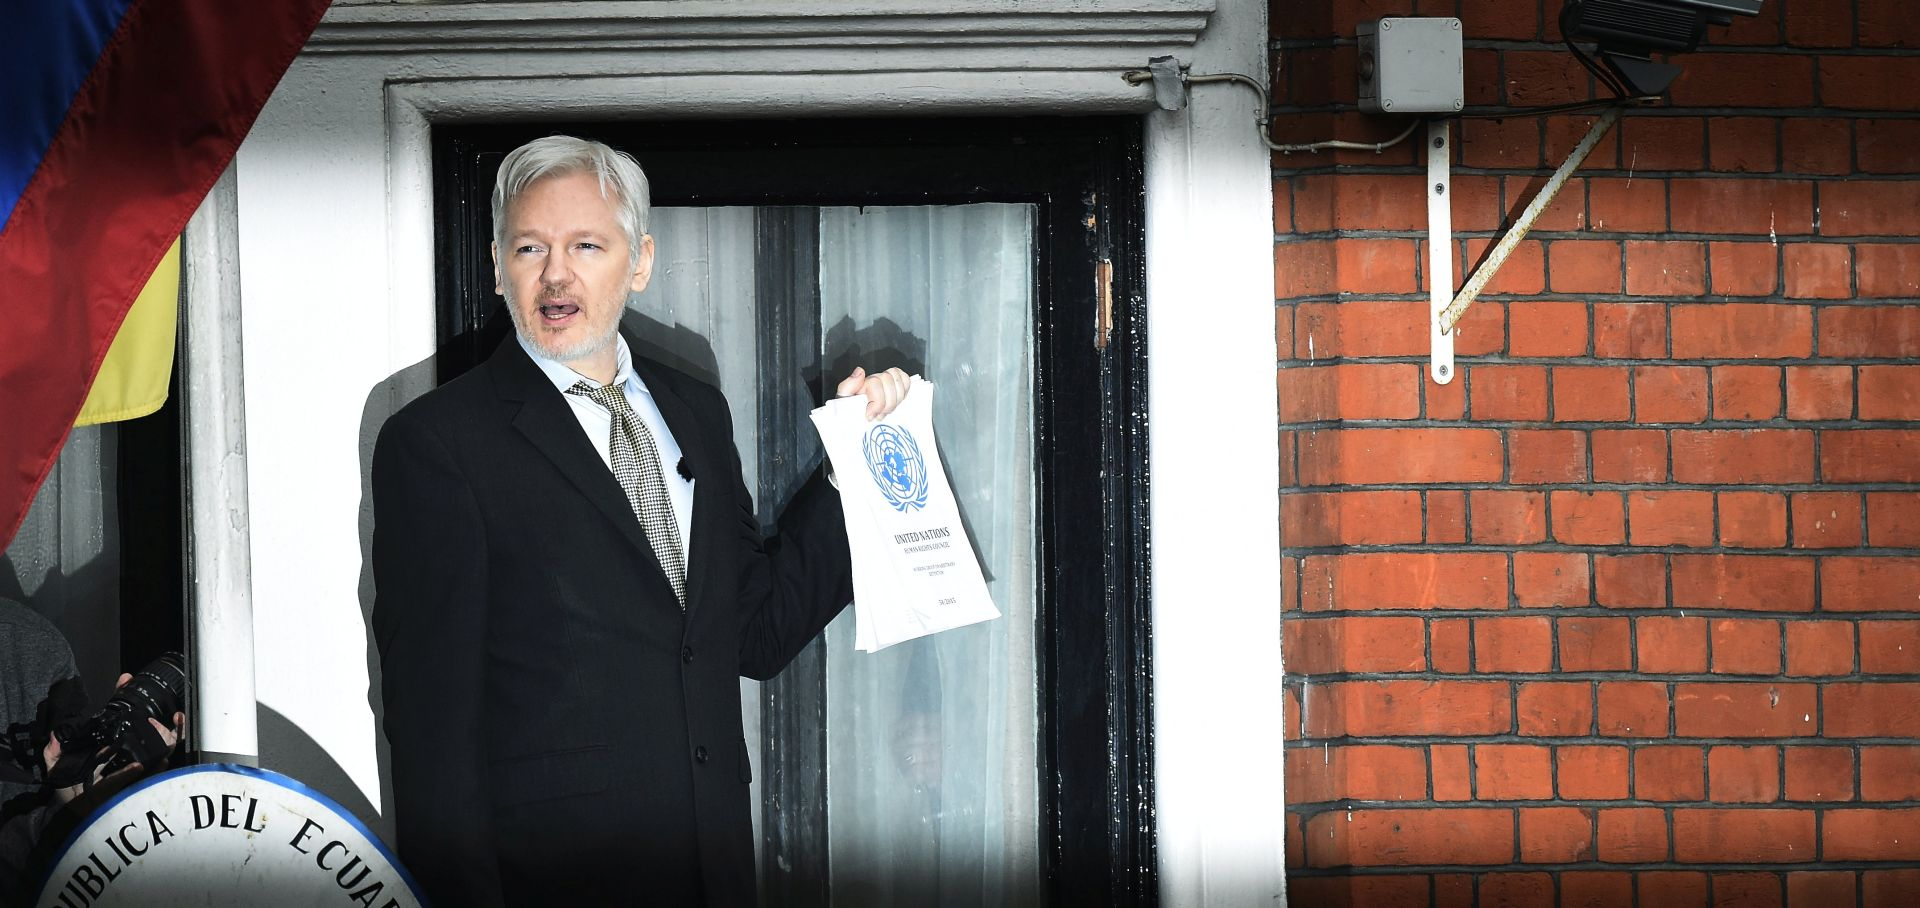 Britanski sud odbio povući nalog za uhićenjem Assangea